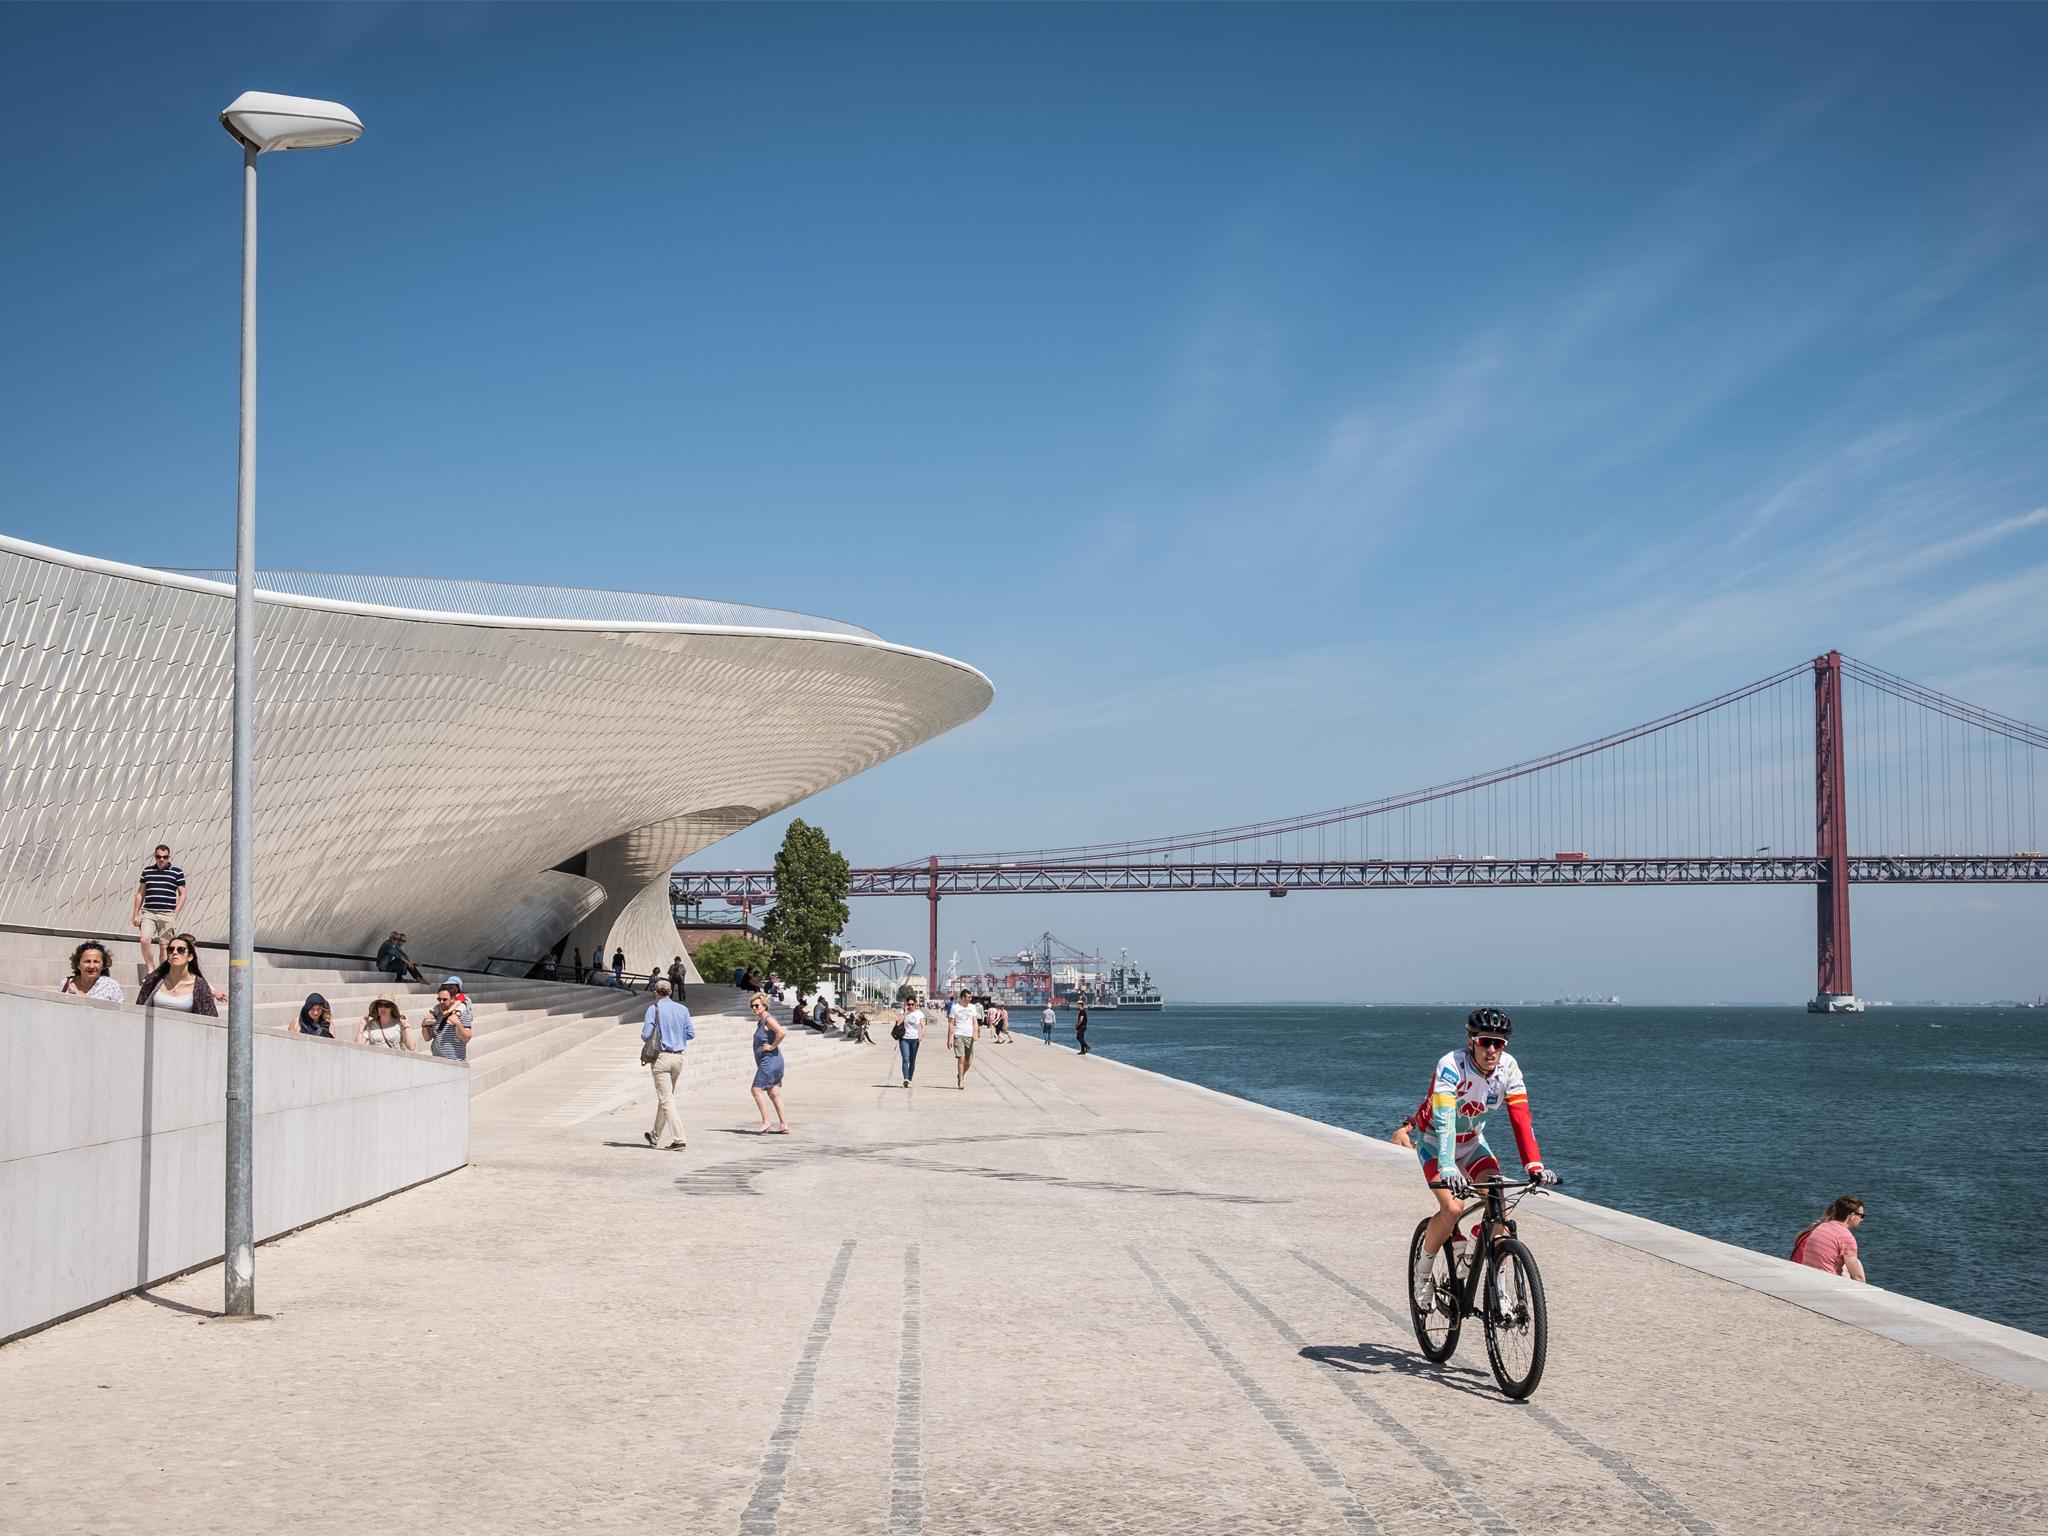 2. Conoce el museo más joven de la ciudad: MAAT - Museo de Arte, Arquitectura y Tecnología